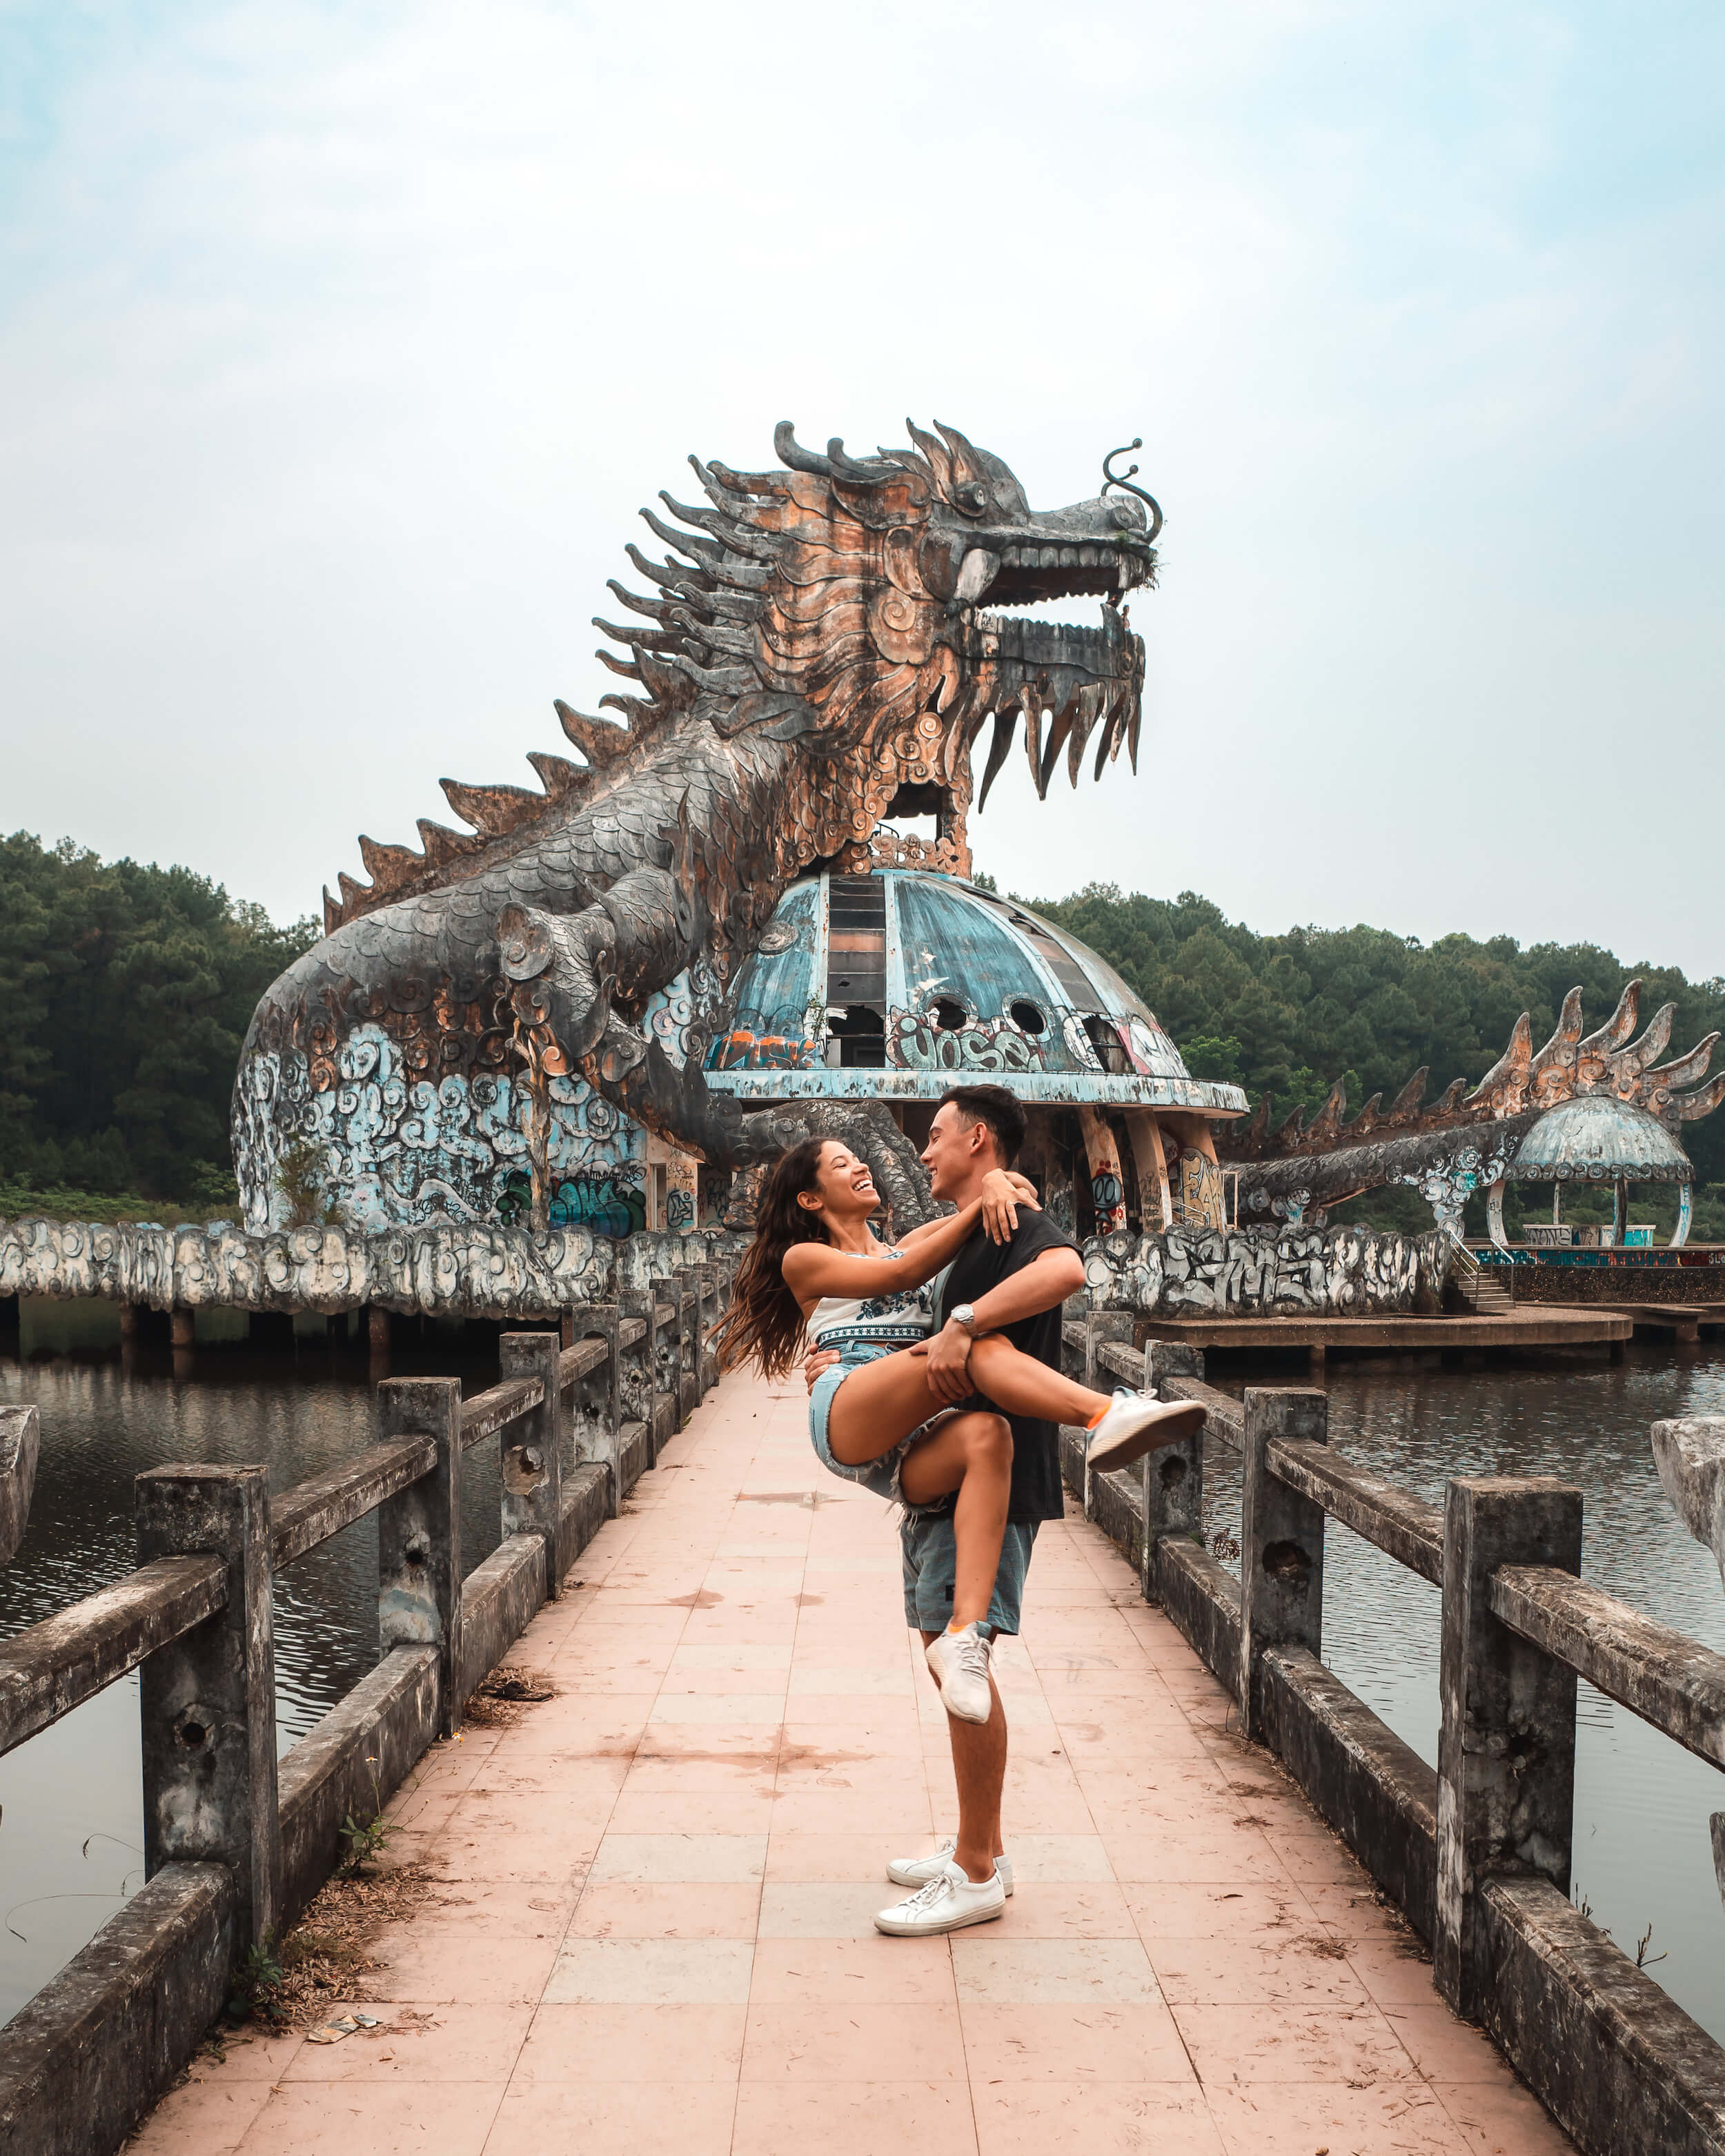 vietnam_waterpark.jpg